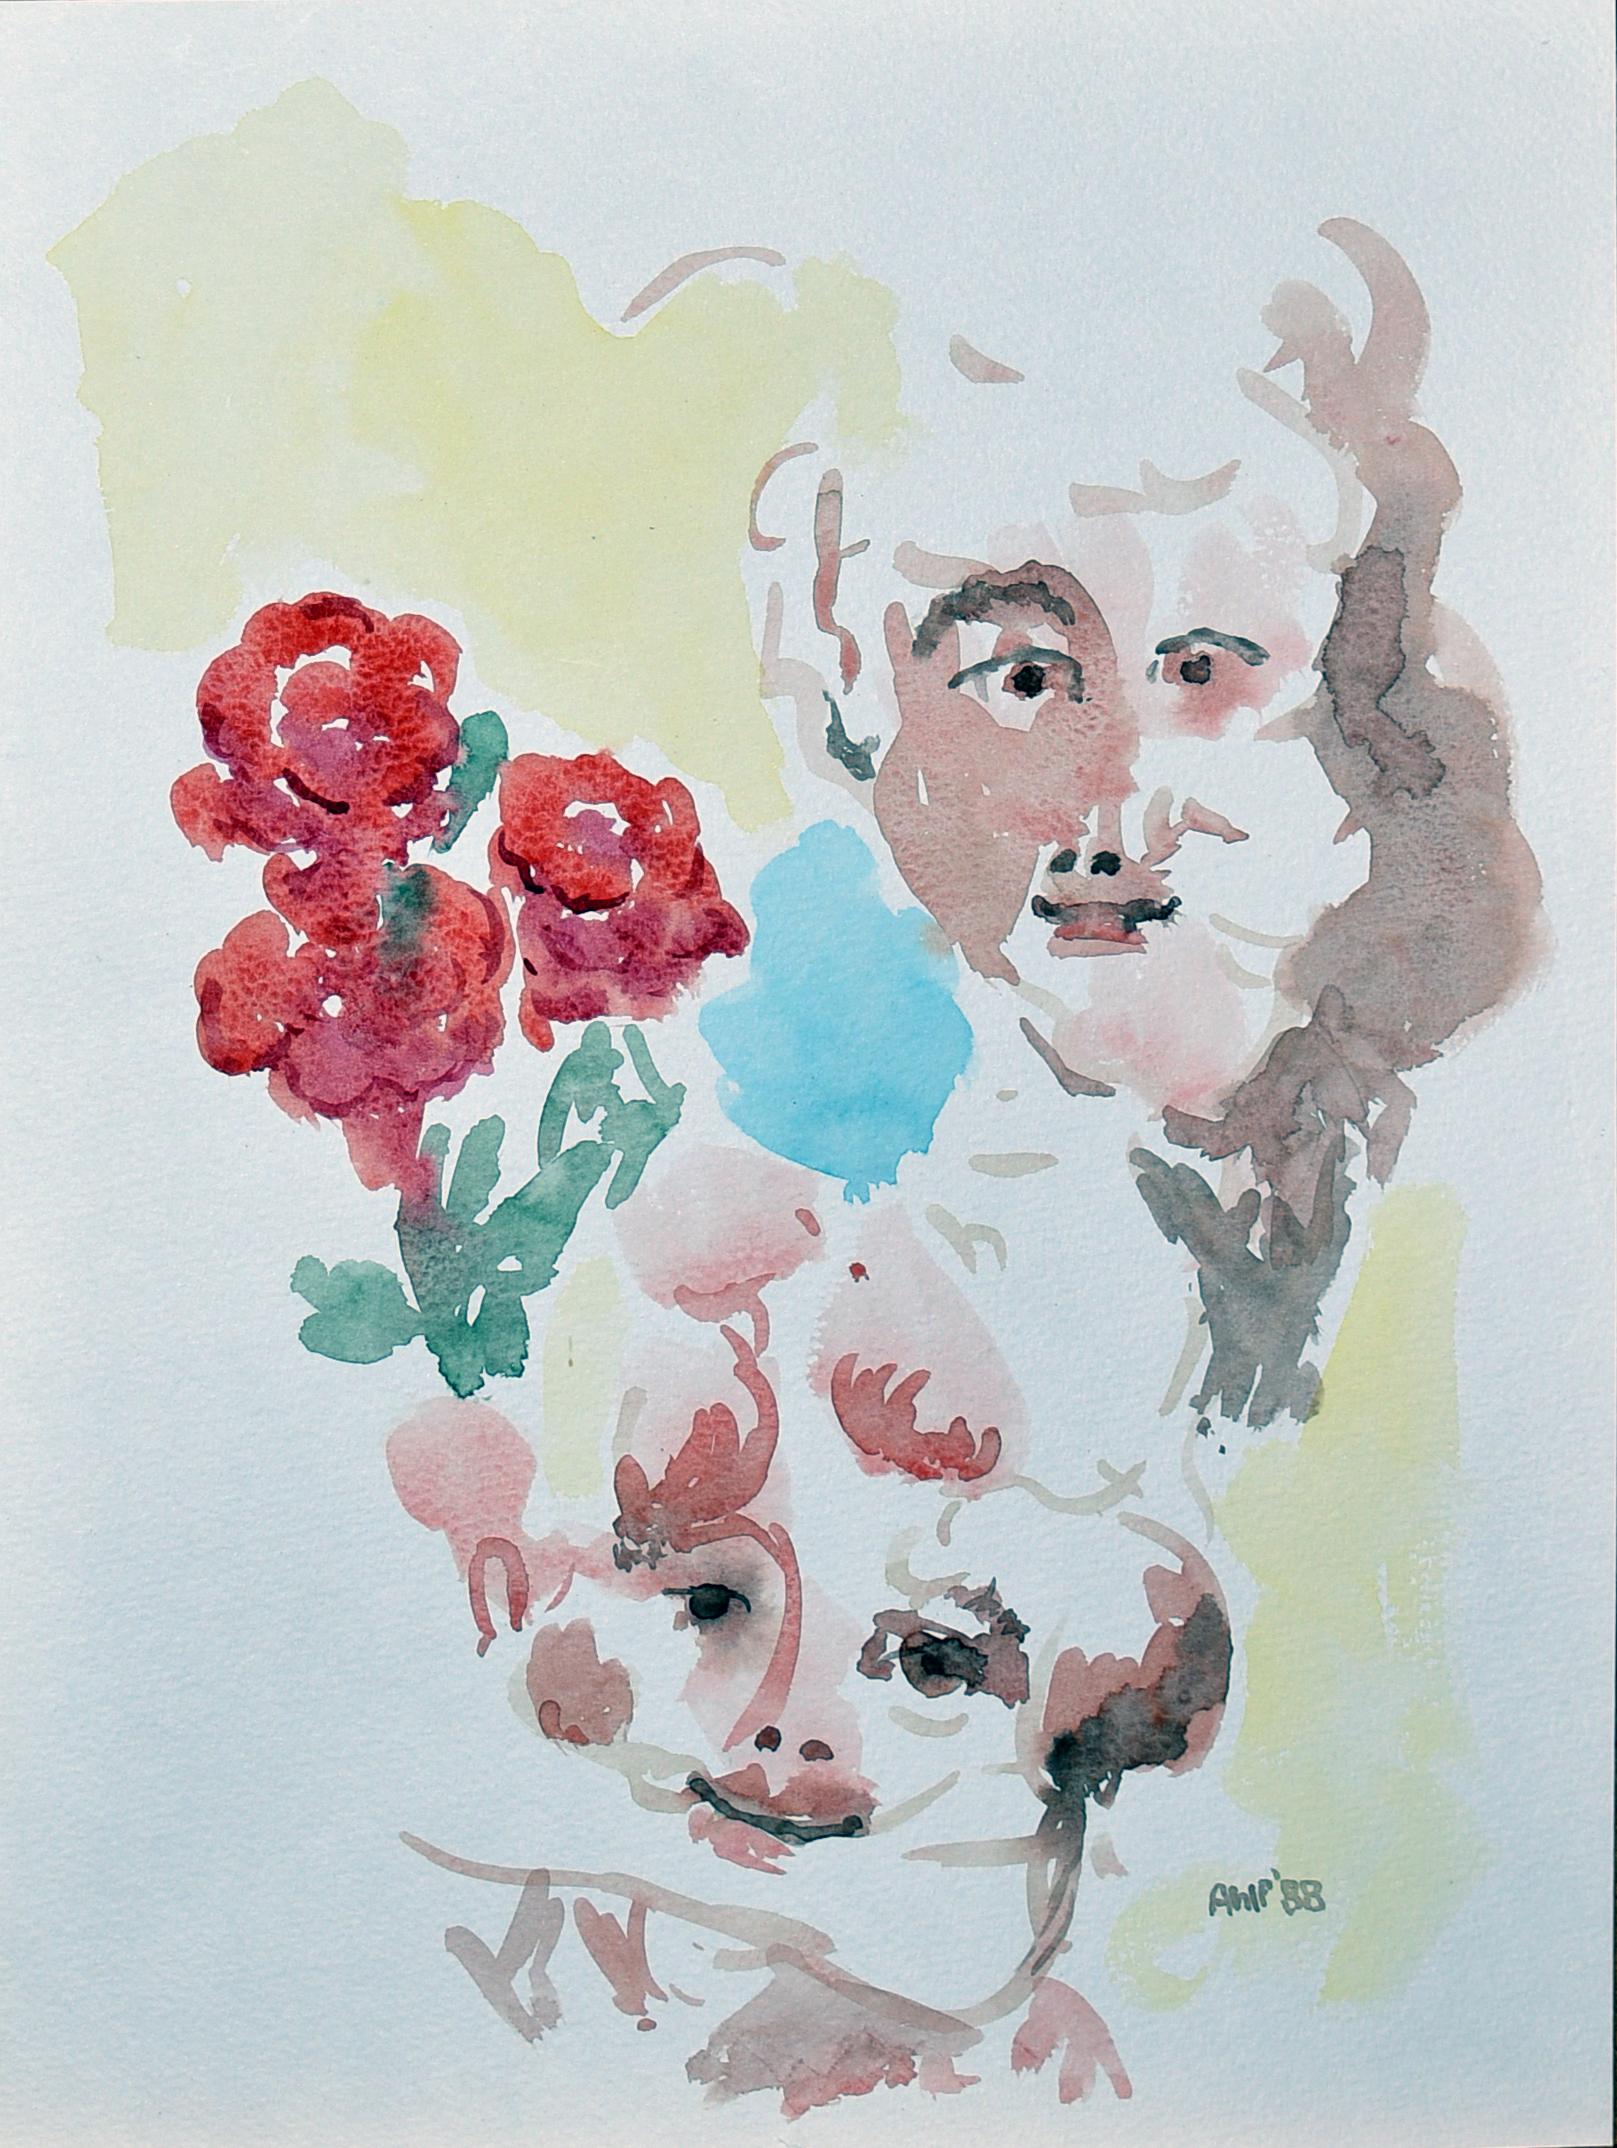 Abstrakt gezeichnet Personen und Rosen, die Frau bekommt von dem Mann Rosen geschenkt